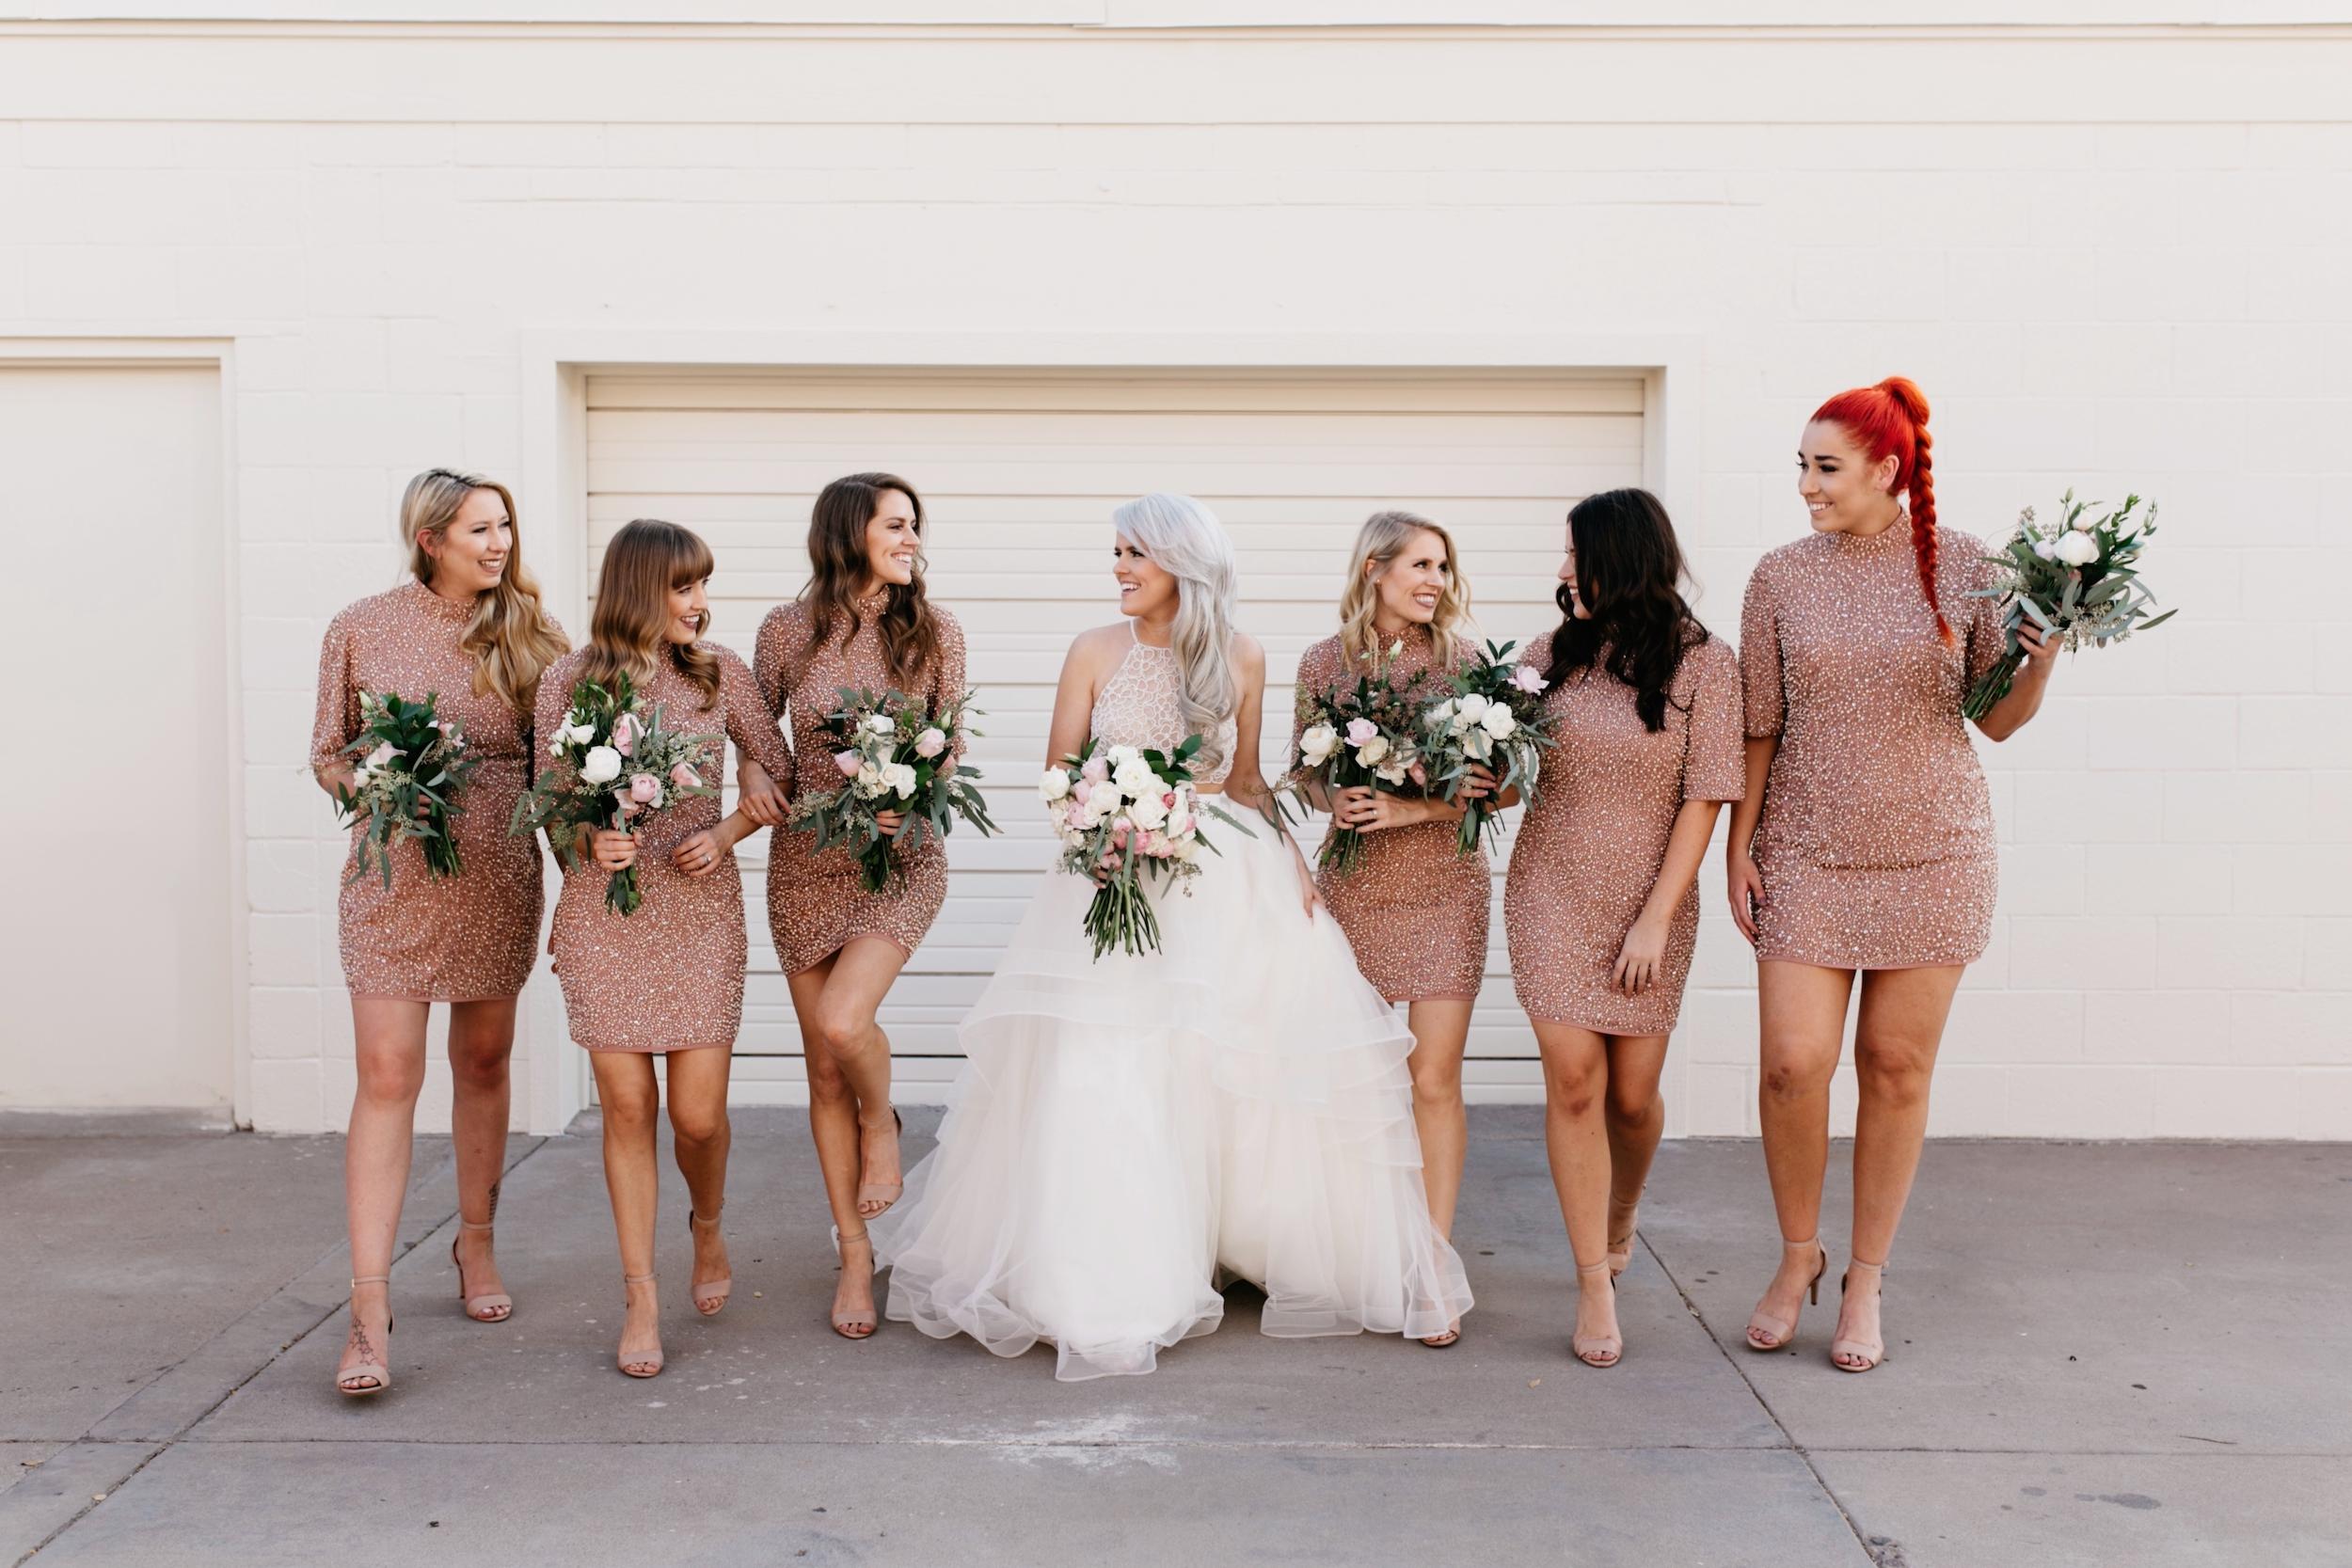 arizona - wedding - photography 01374.jpg